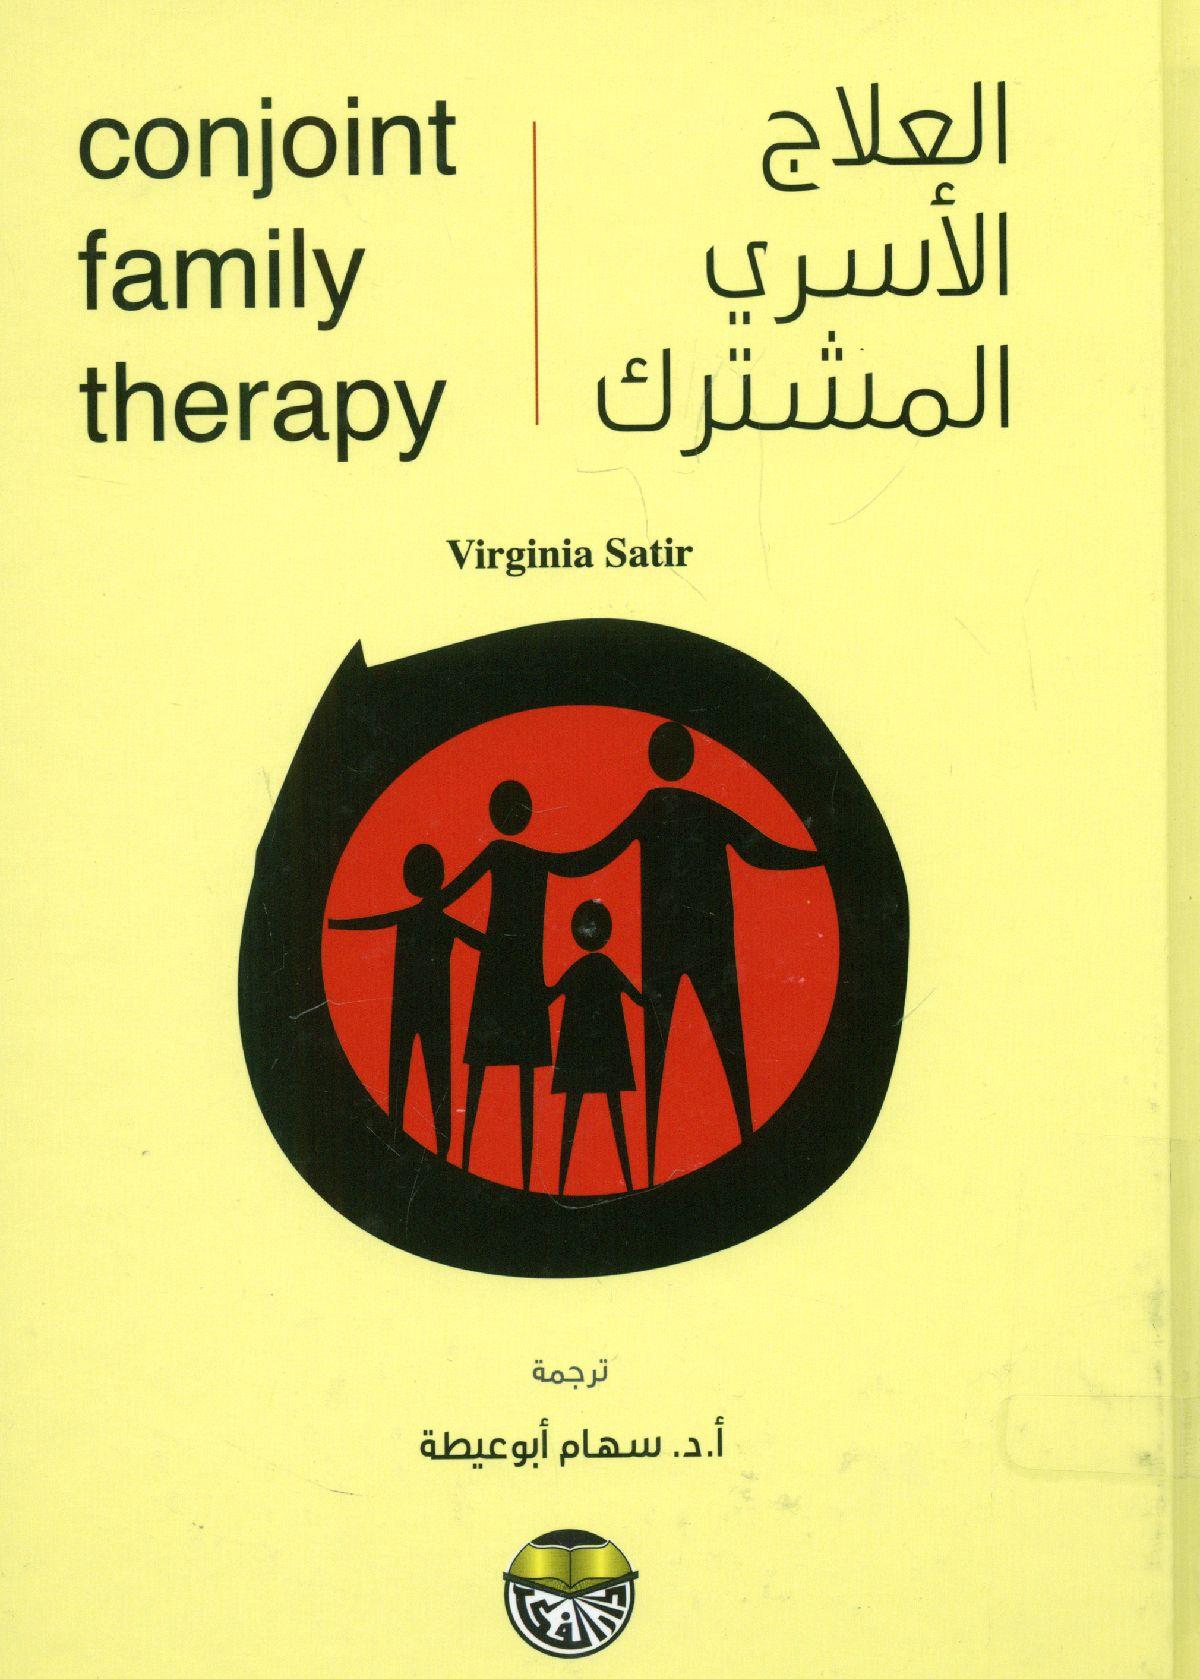 العلاج الاسري المشترك Virgina Satir  سهام درويش أبو عيطة Aay_ae10